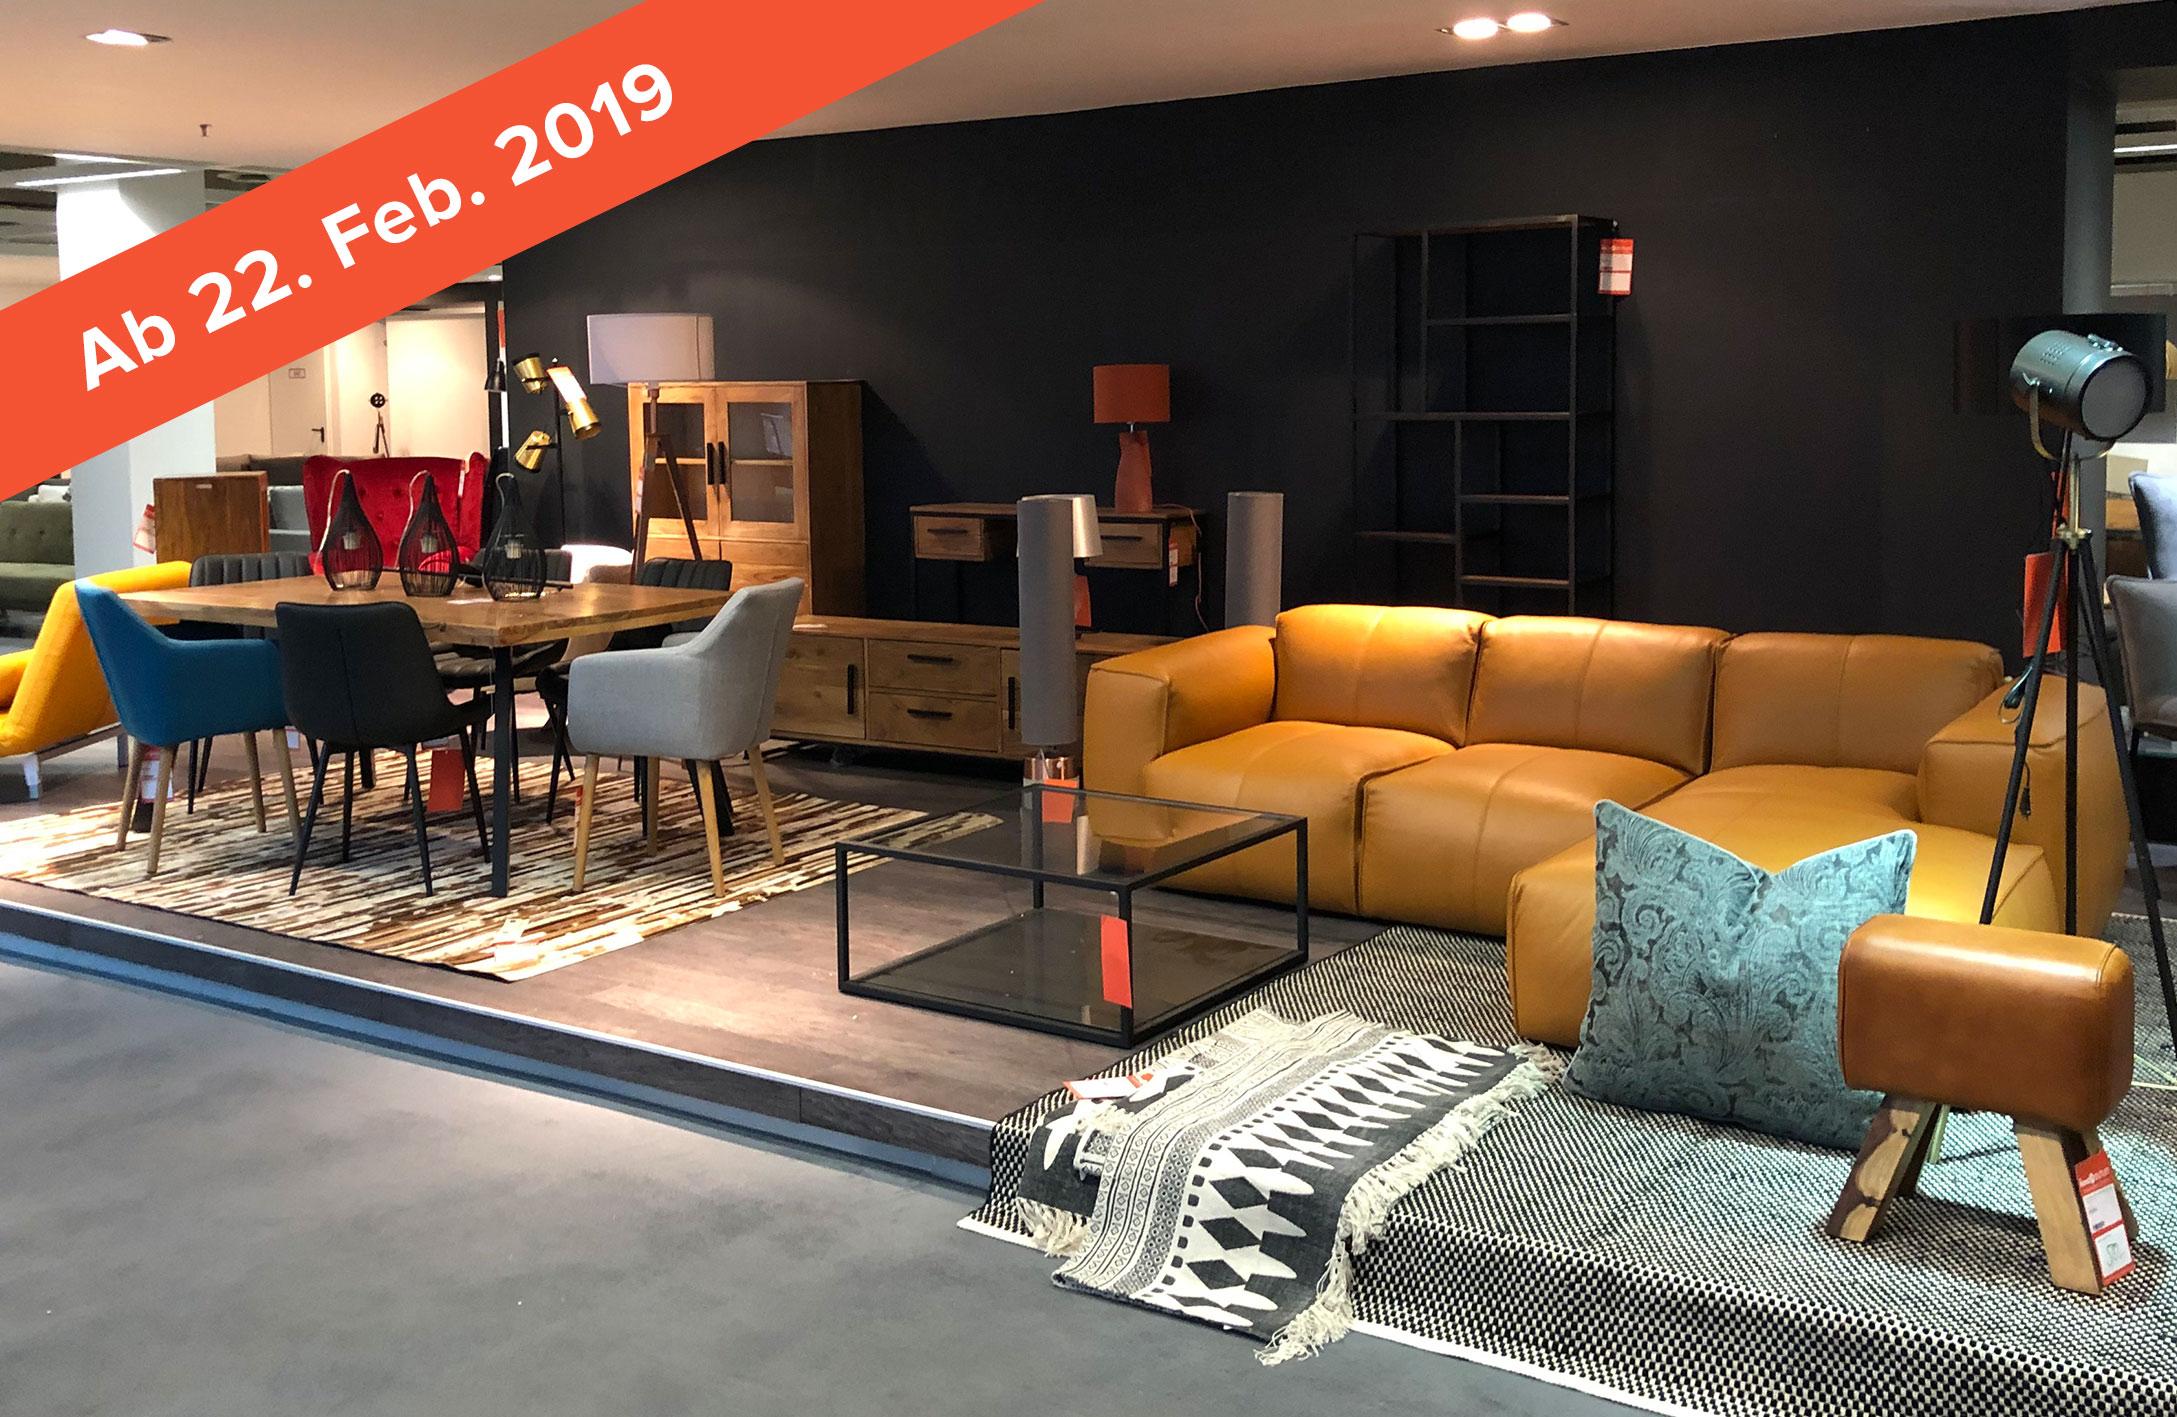 [LOKAL KÖLN *22.02.*] Neueröffnung  home24 Möbel-Outlet Köln  (8.000 m²)  - Einzelstücke bis zu 80% reduziert / 15% Rabatt im Showroom